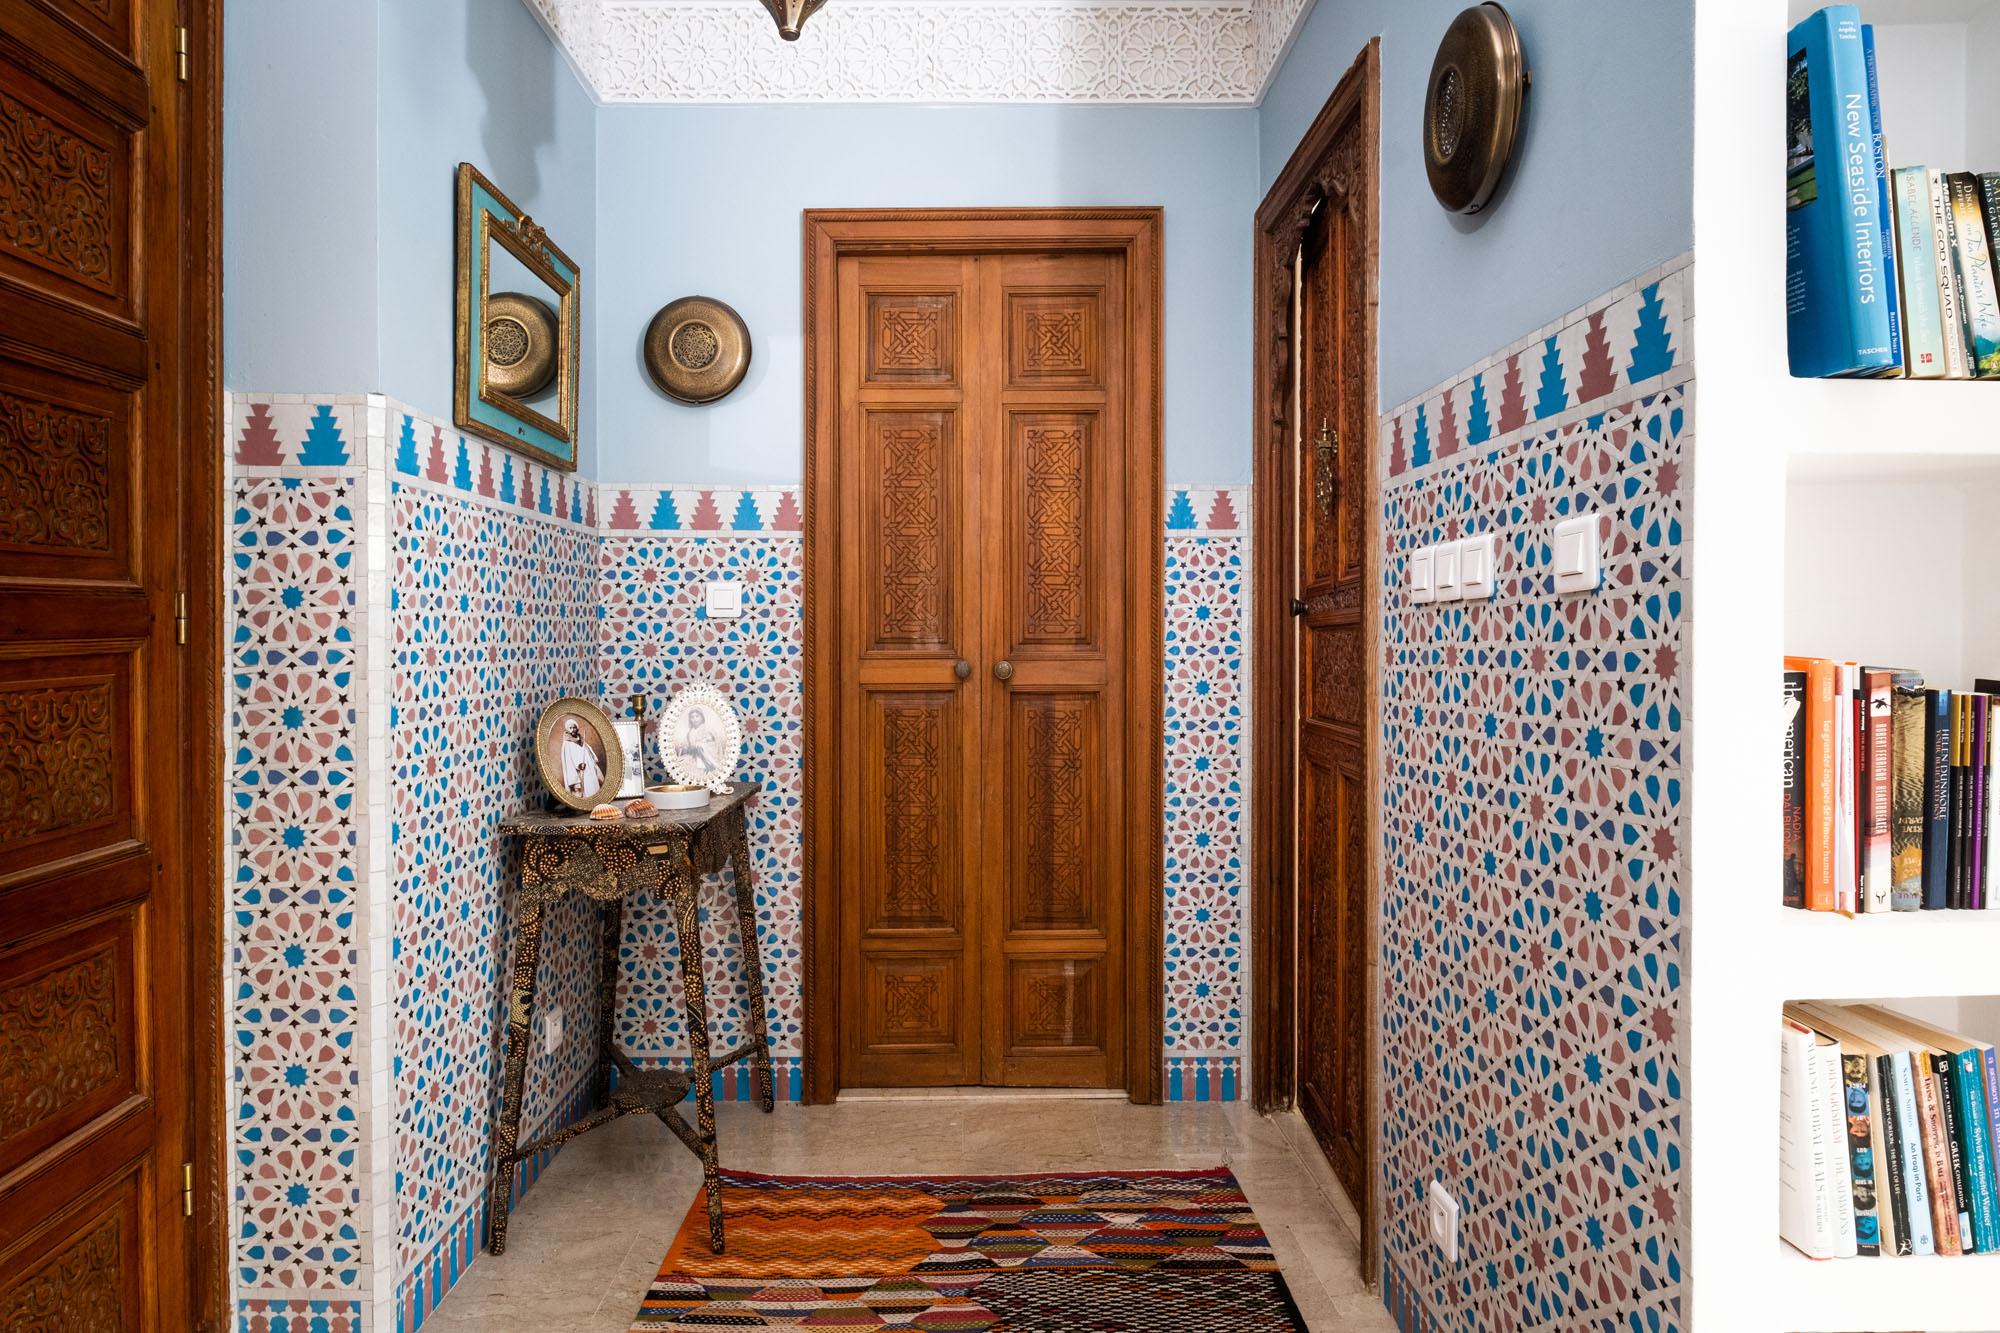 Moroccan Interiors pic